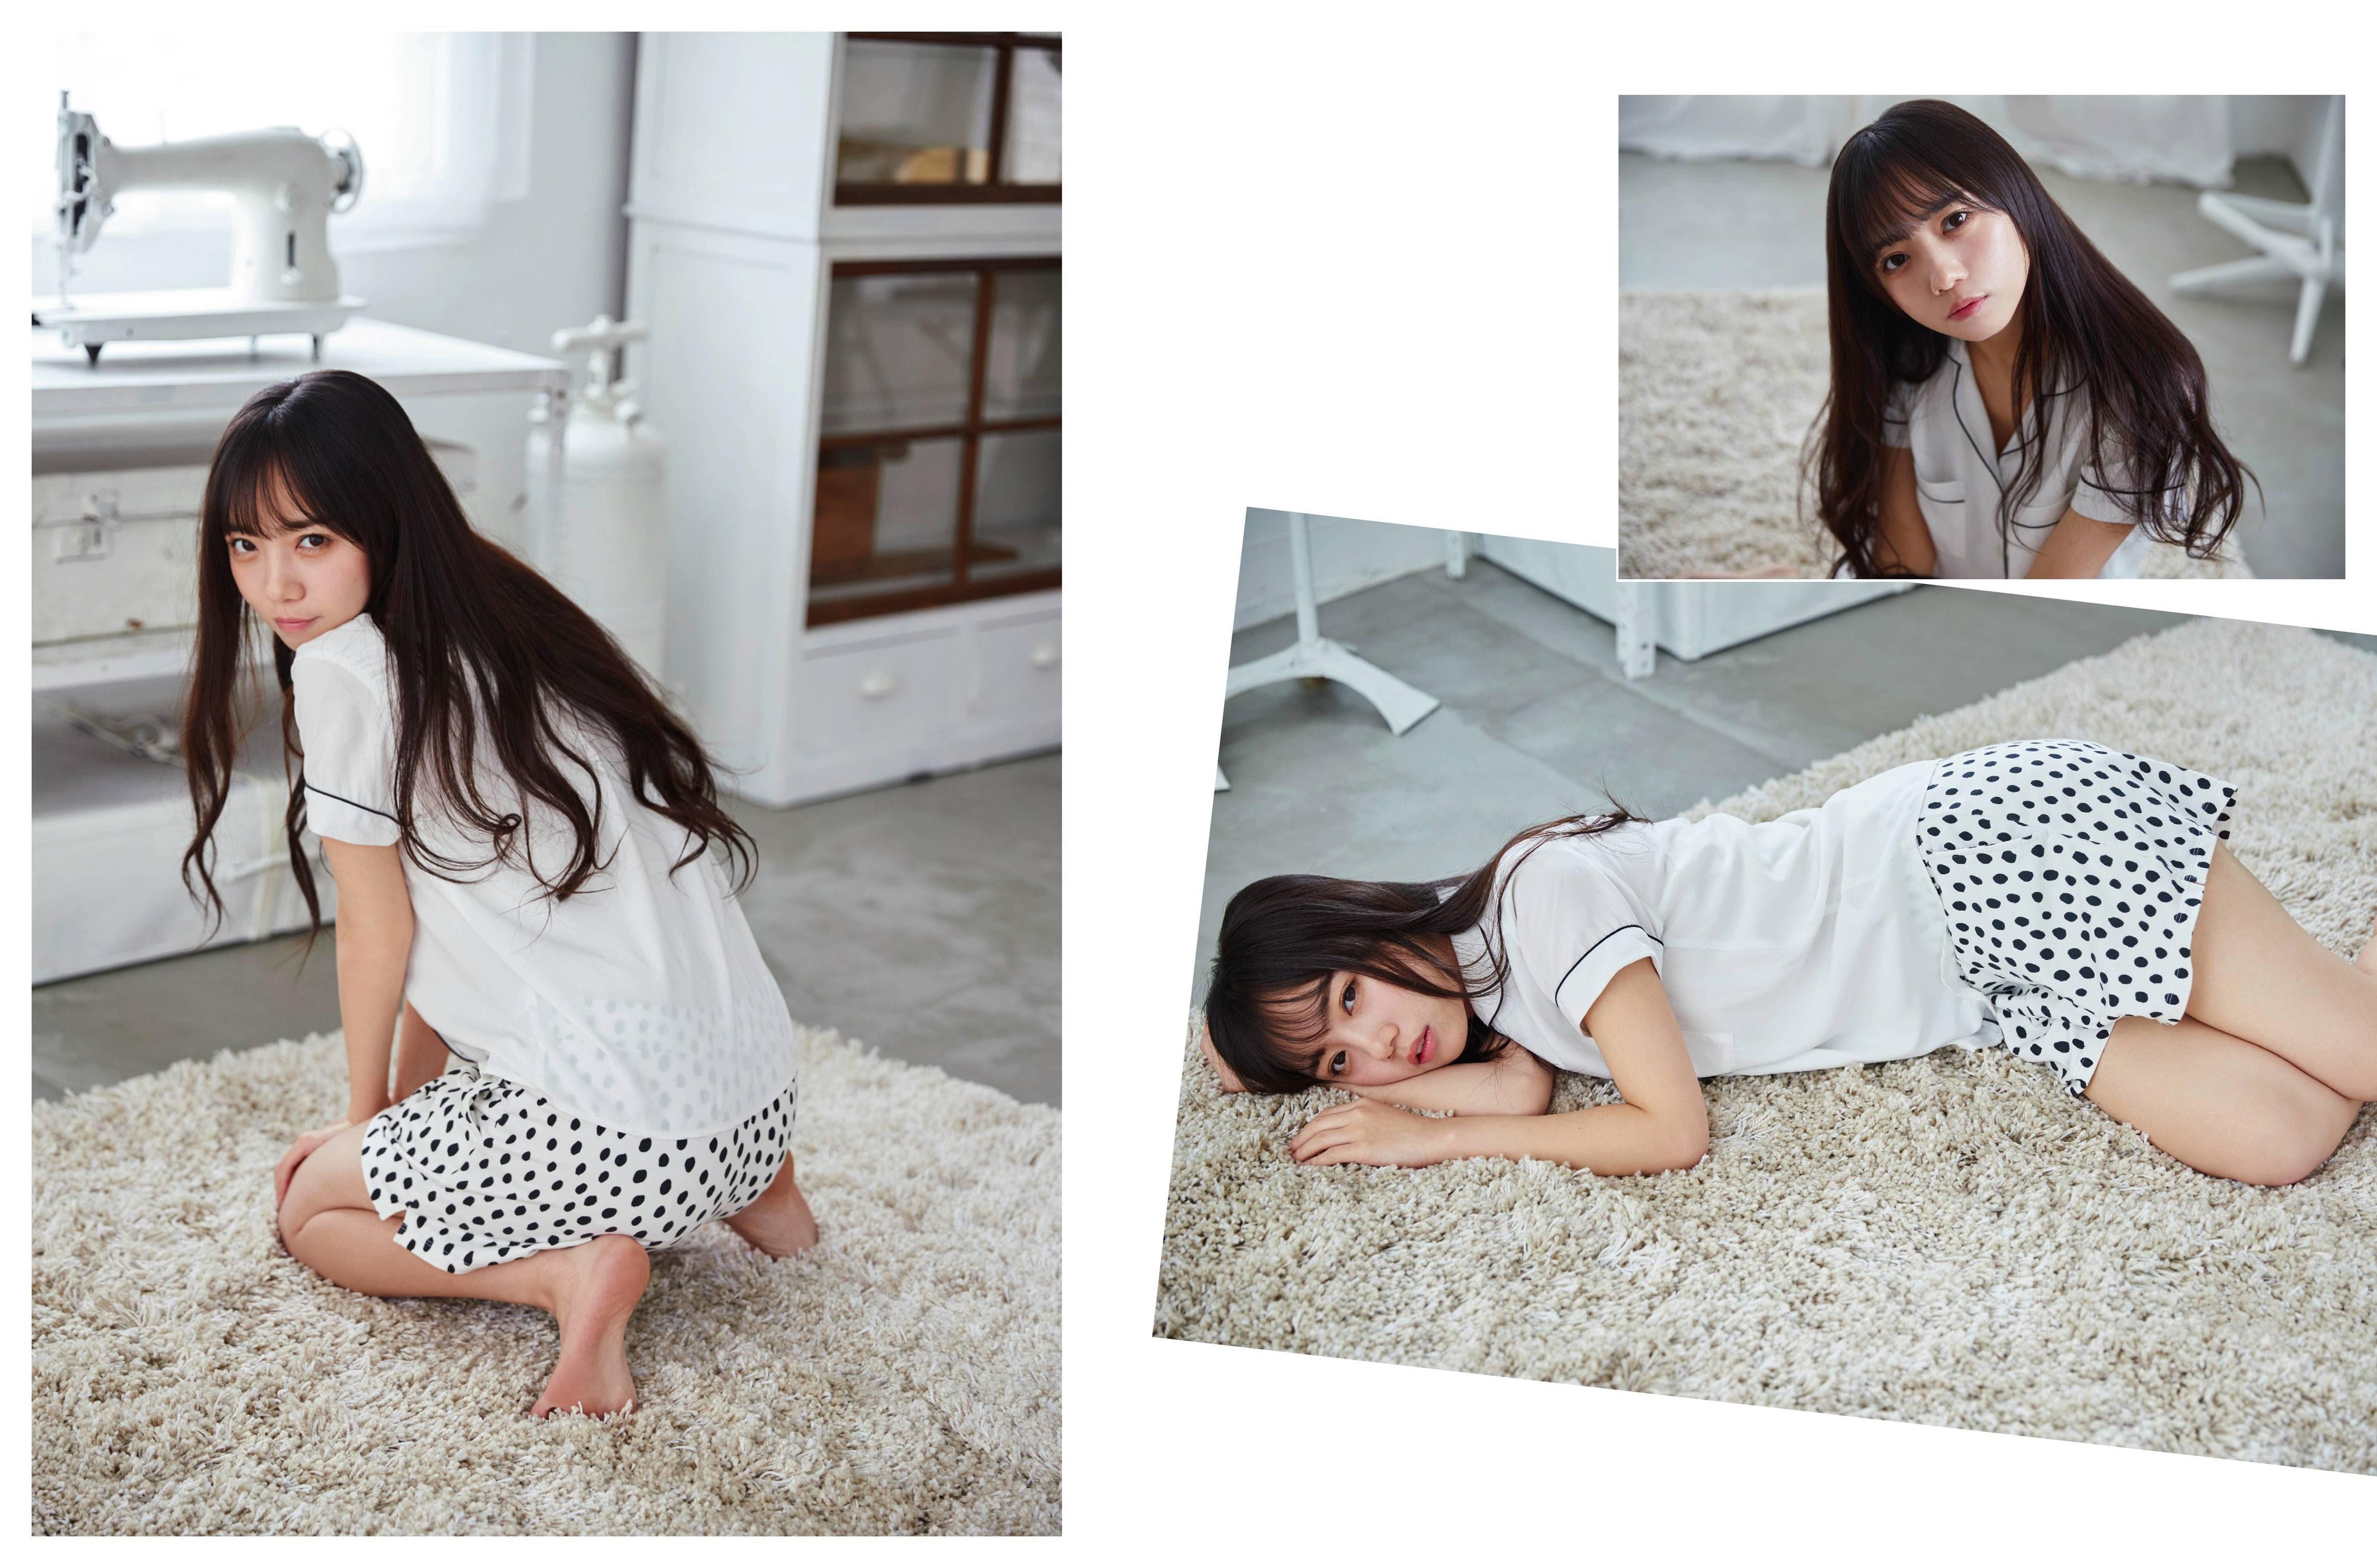 01-Kyoko Saito (9)